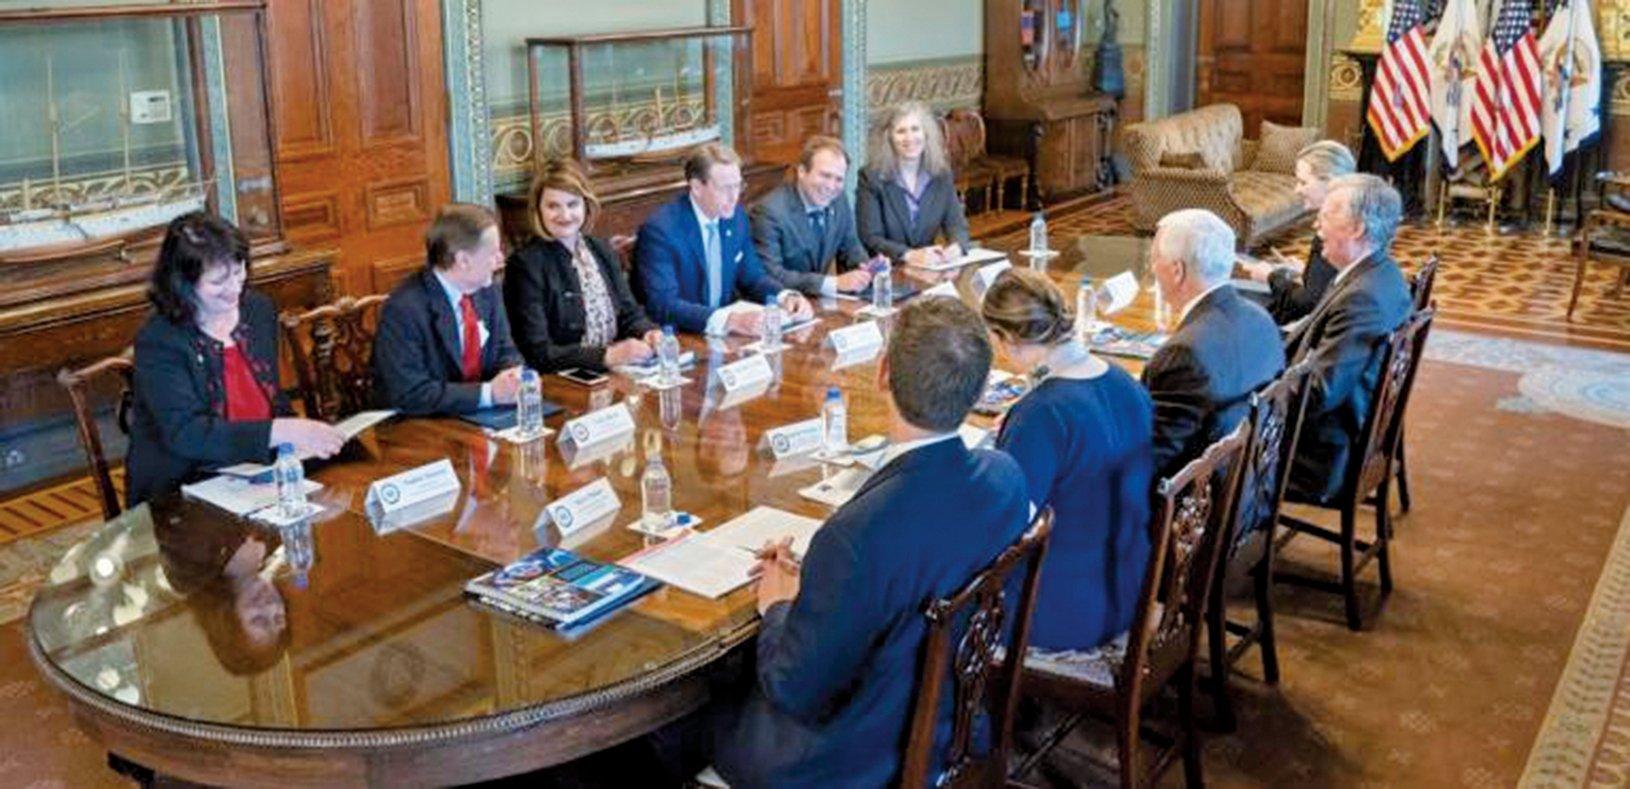 美國副總統彭斯會見美國國際宗教自由委員會(USCIRF)專員後,發佈推文表示,特朗普政府捍衛宗教自由,並配發會面照片。(USCIRF圖片)